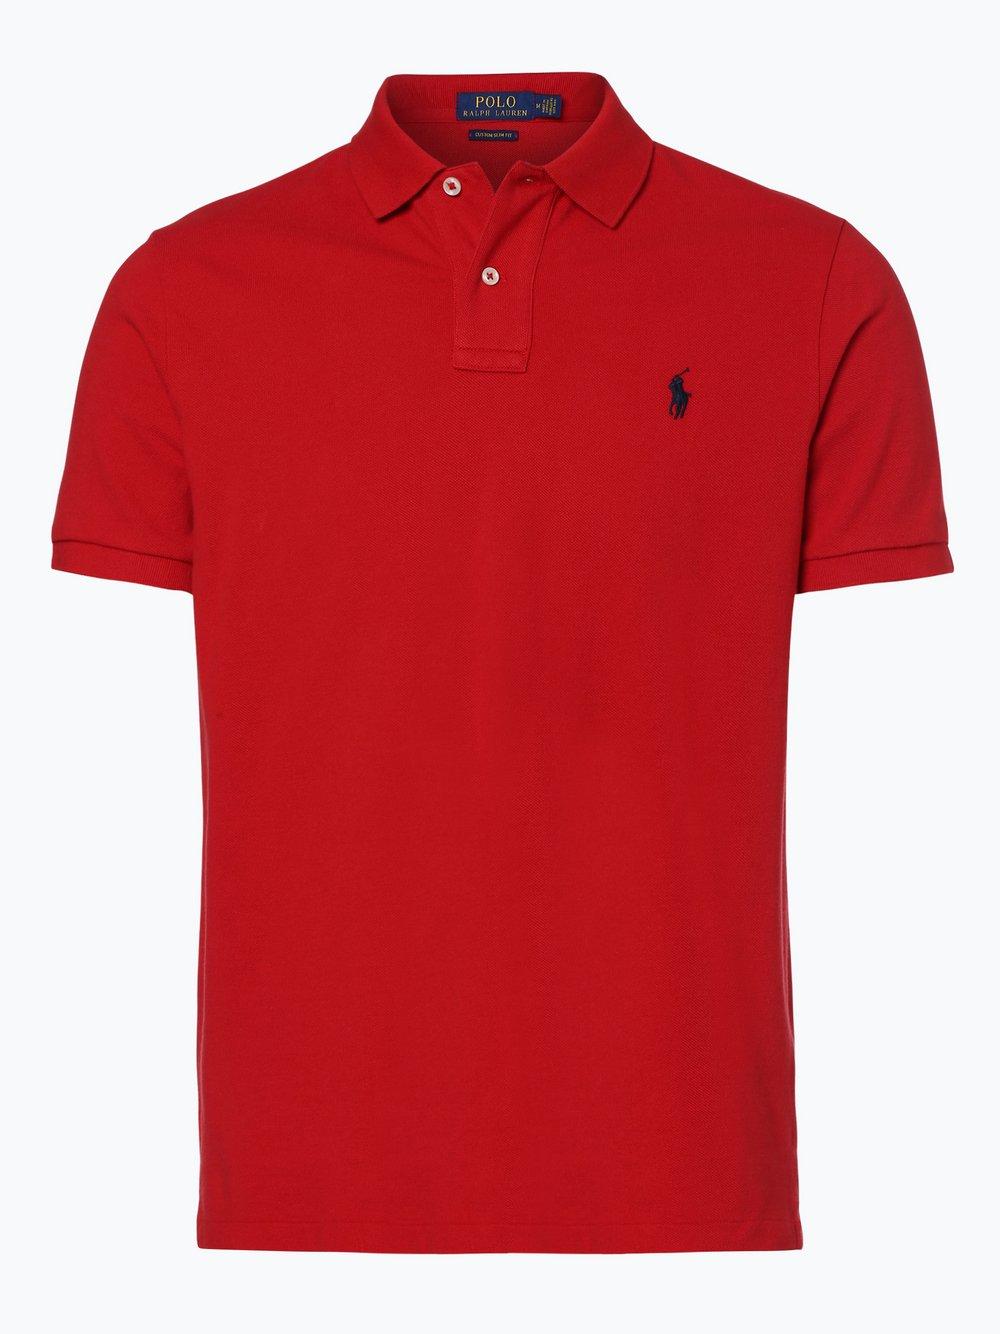 Polo Ralph Lauren - T-shirt męski, czerwony